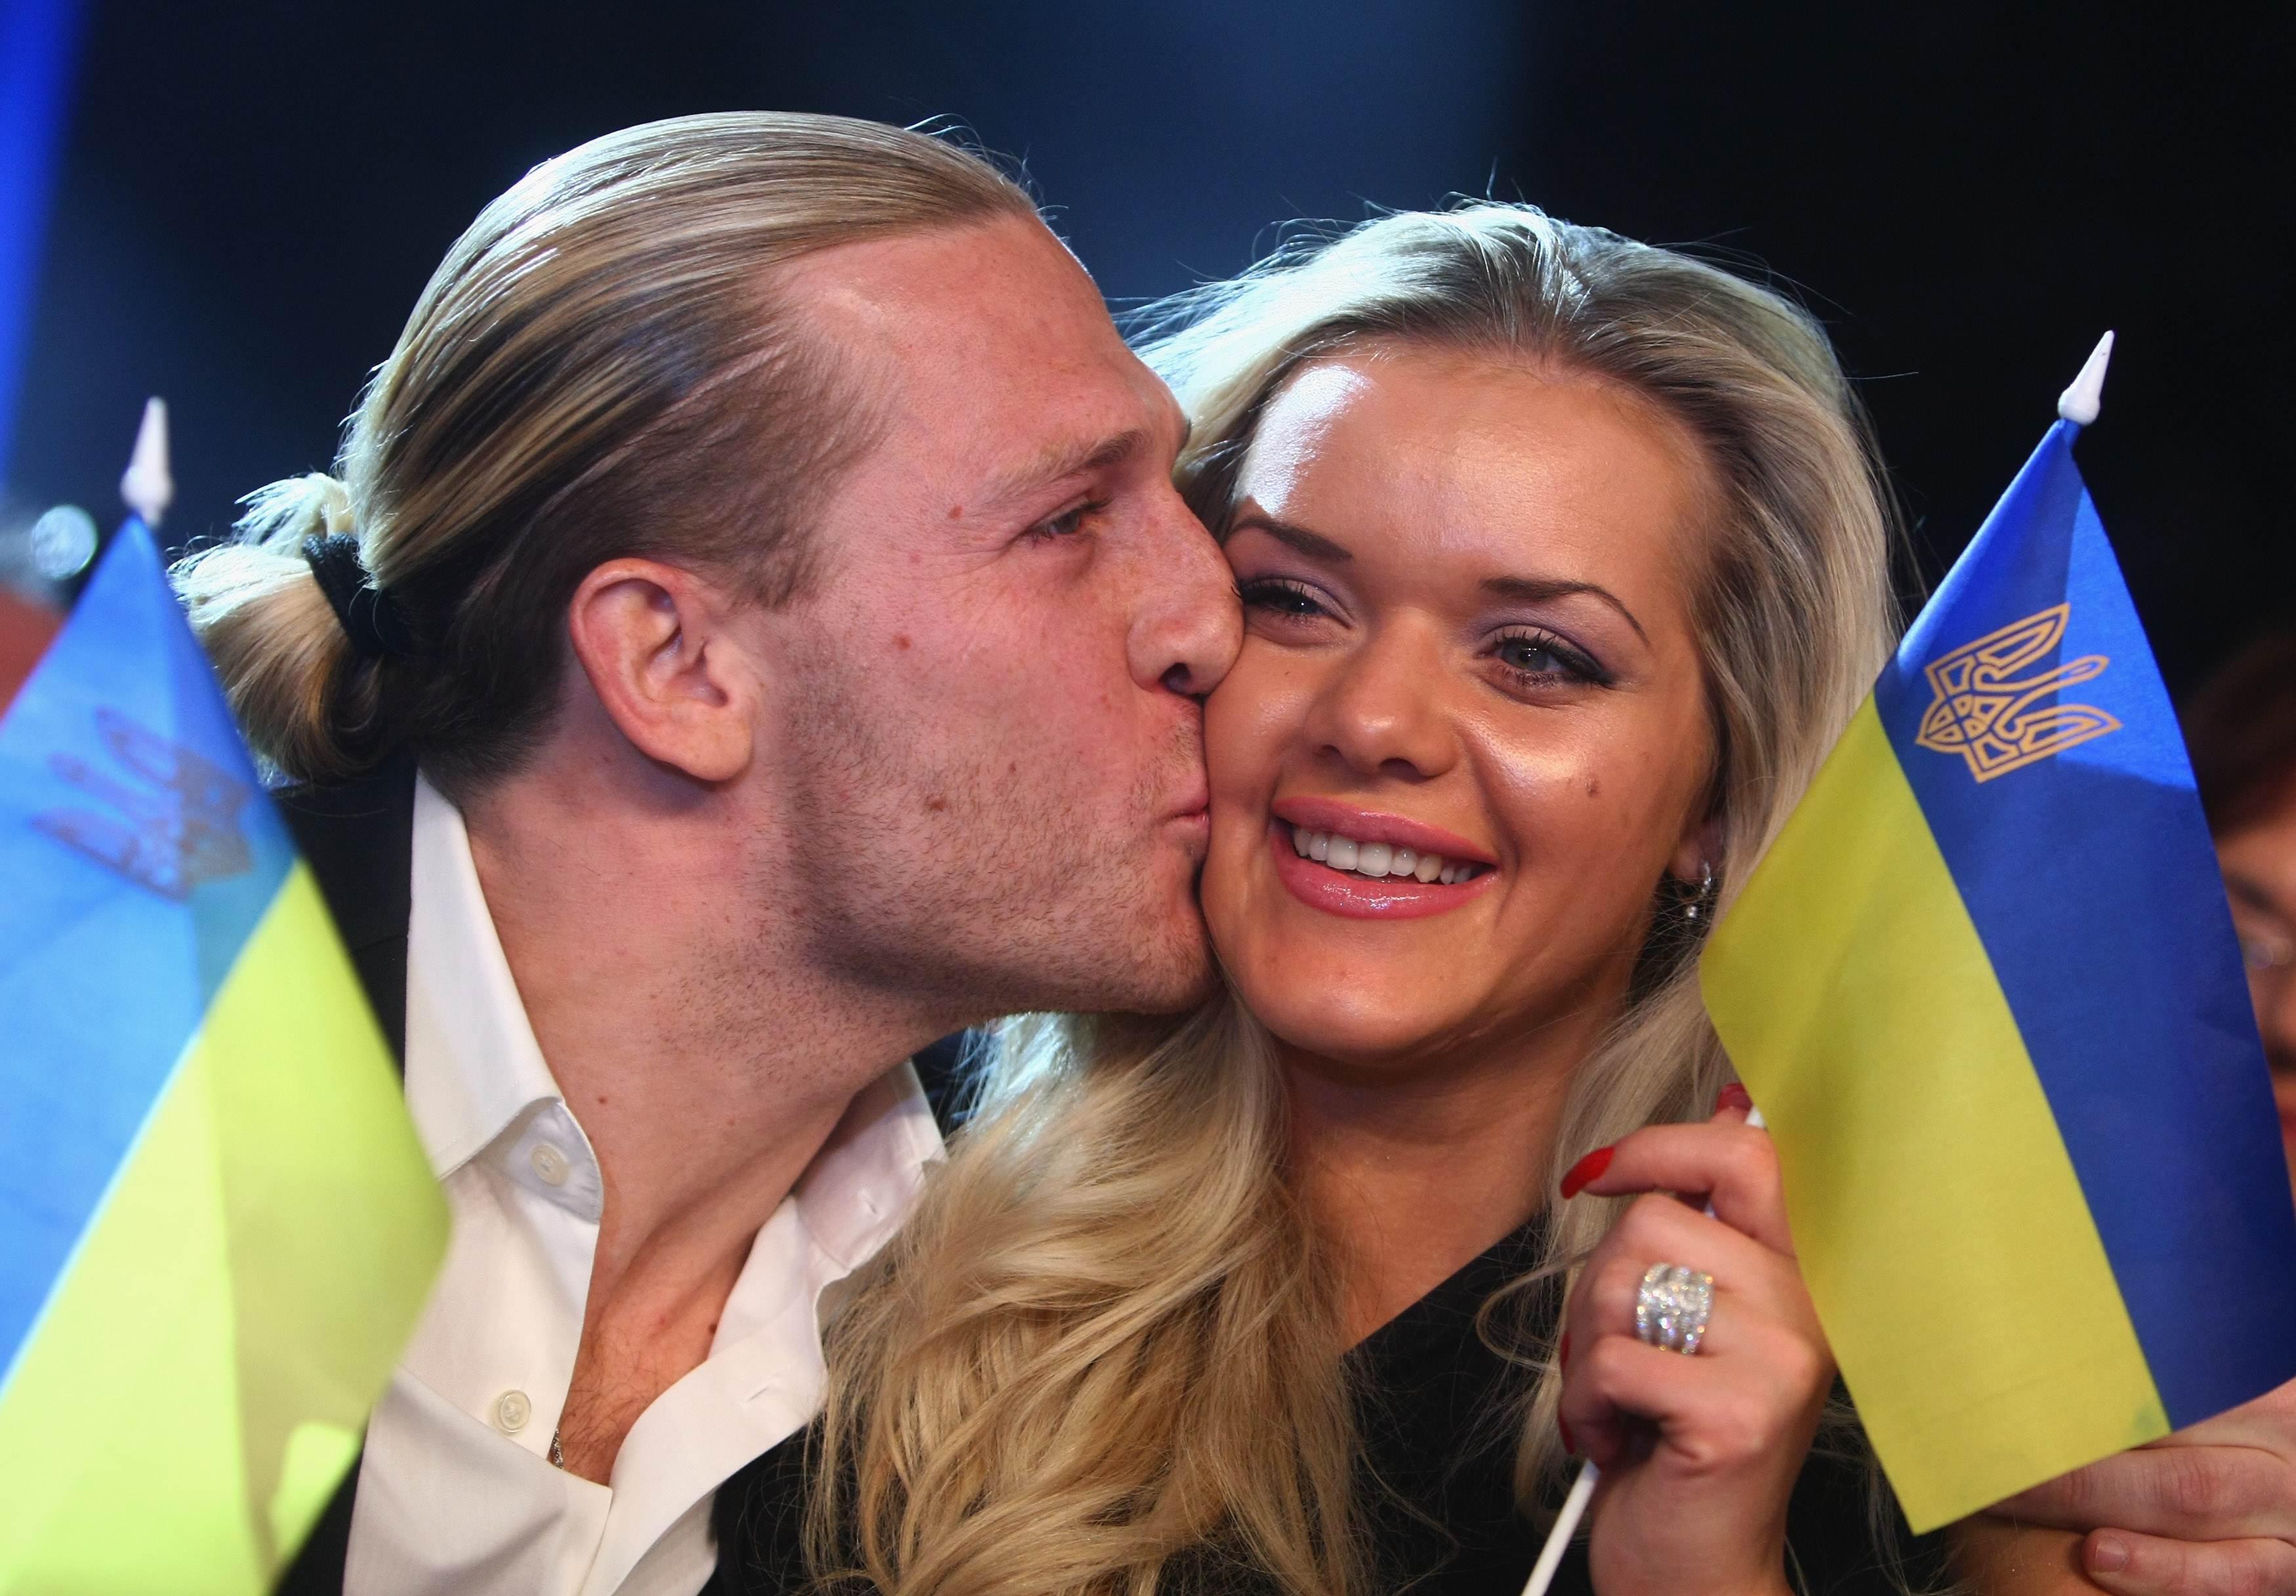 Экс-игрок сборной Украины Андрей Воронин с супругой Юлией